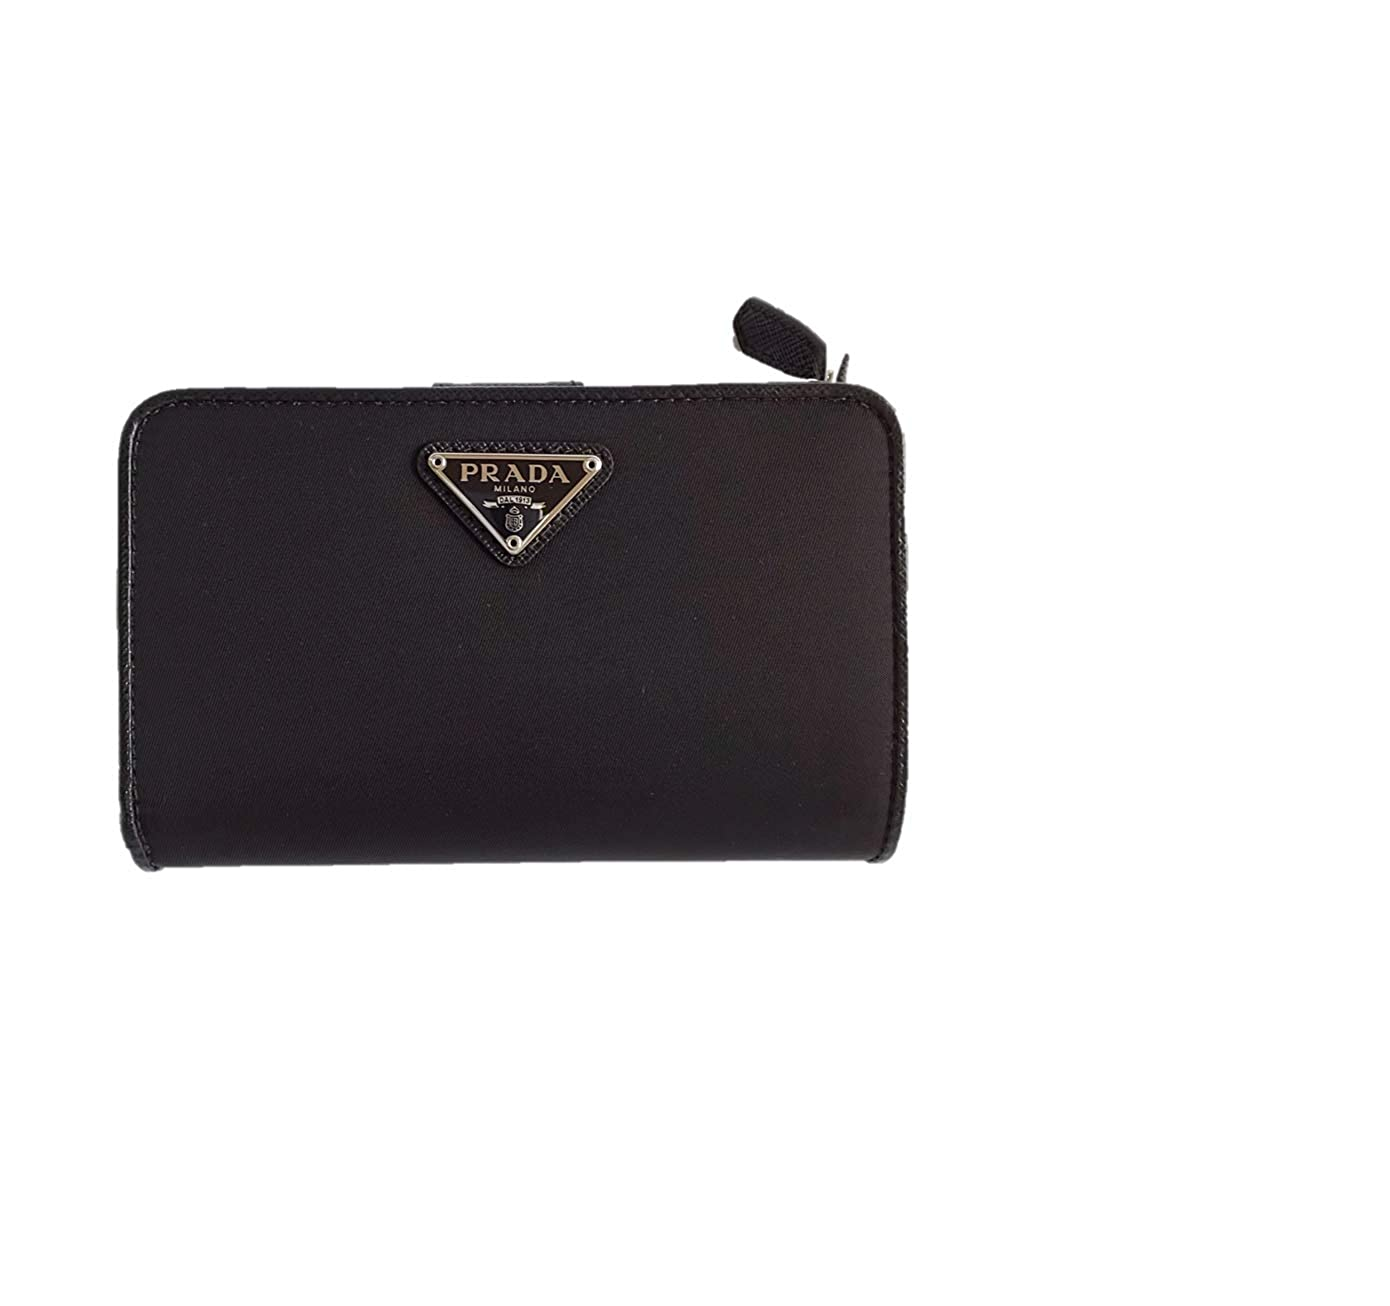 (プラダ) PRADA 二つ折り 財布 ナイロン 1ML225 PORTAFOGLIO LAMPO ブラック [並行輸入品] B07JN7LXDF